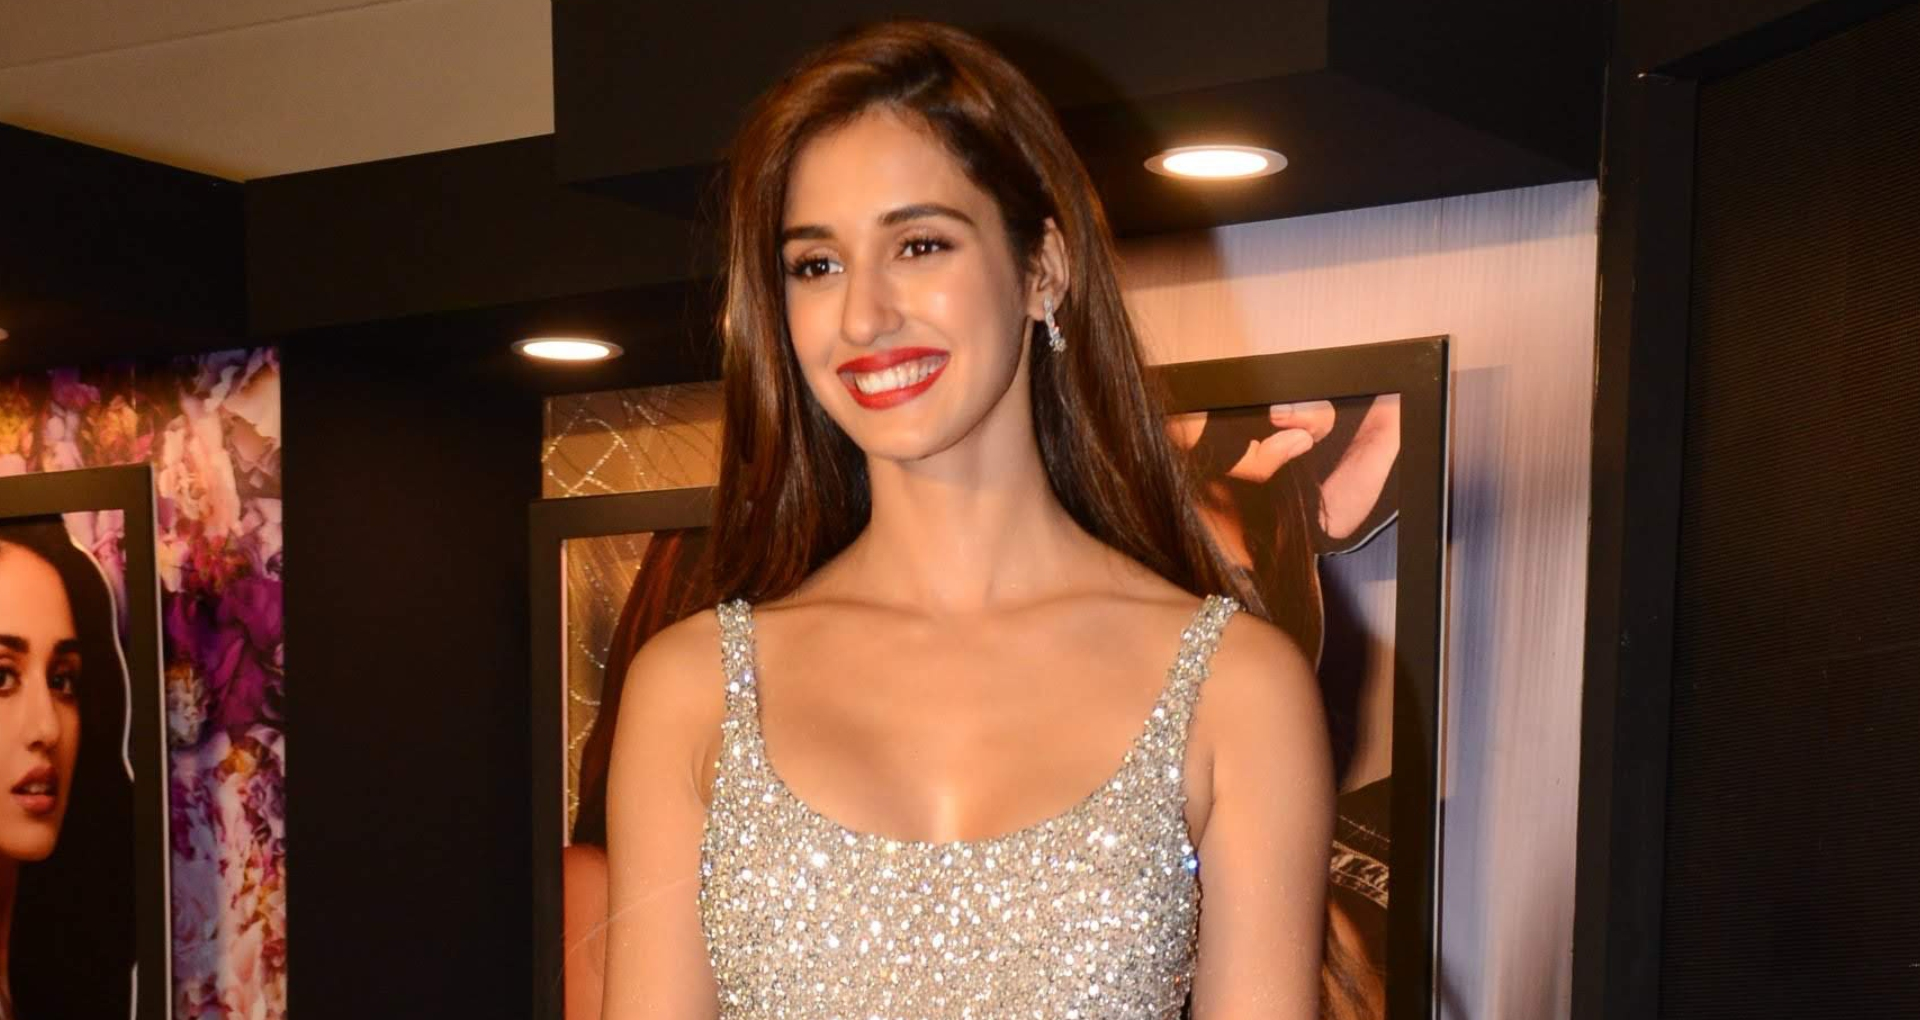 Disha Patani: क्या फिल्म भारत के बाद 'किक 2' में सलमान खान के साथ दोबारा आएंगी नजर? एक्ट्रेस ने खोला राज